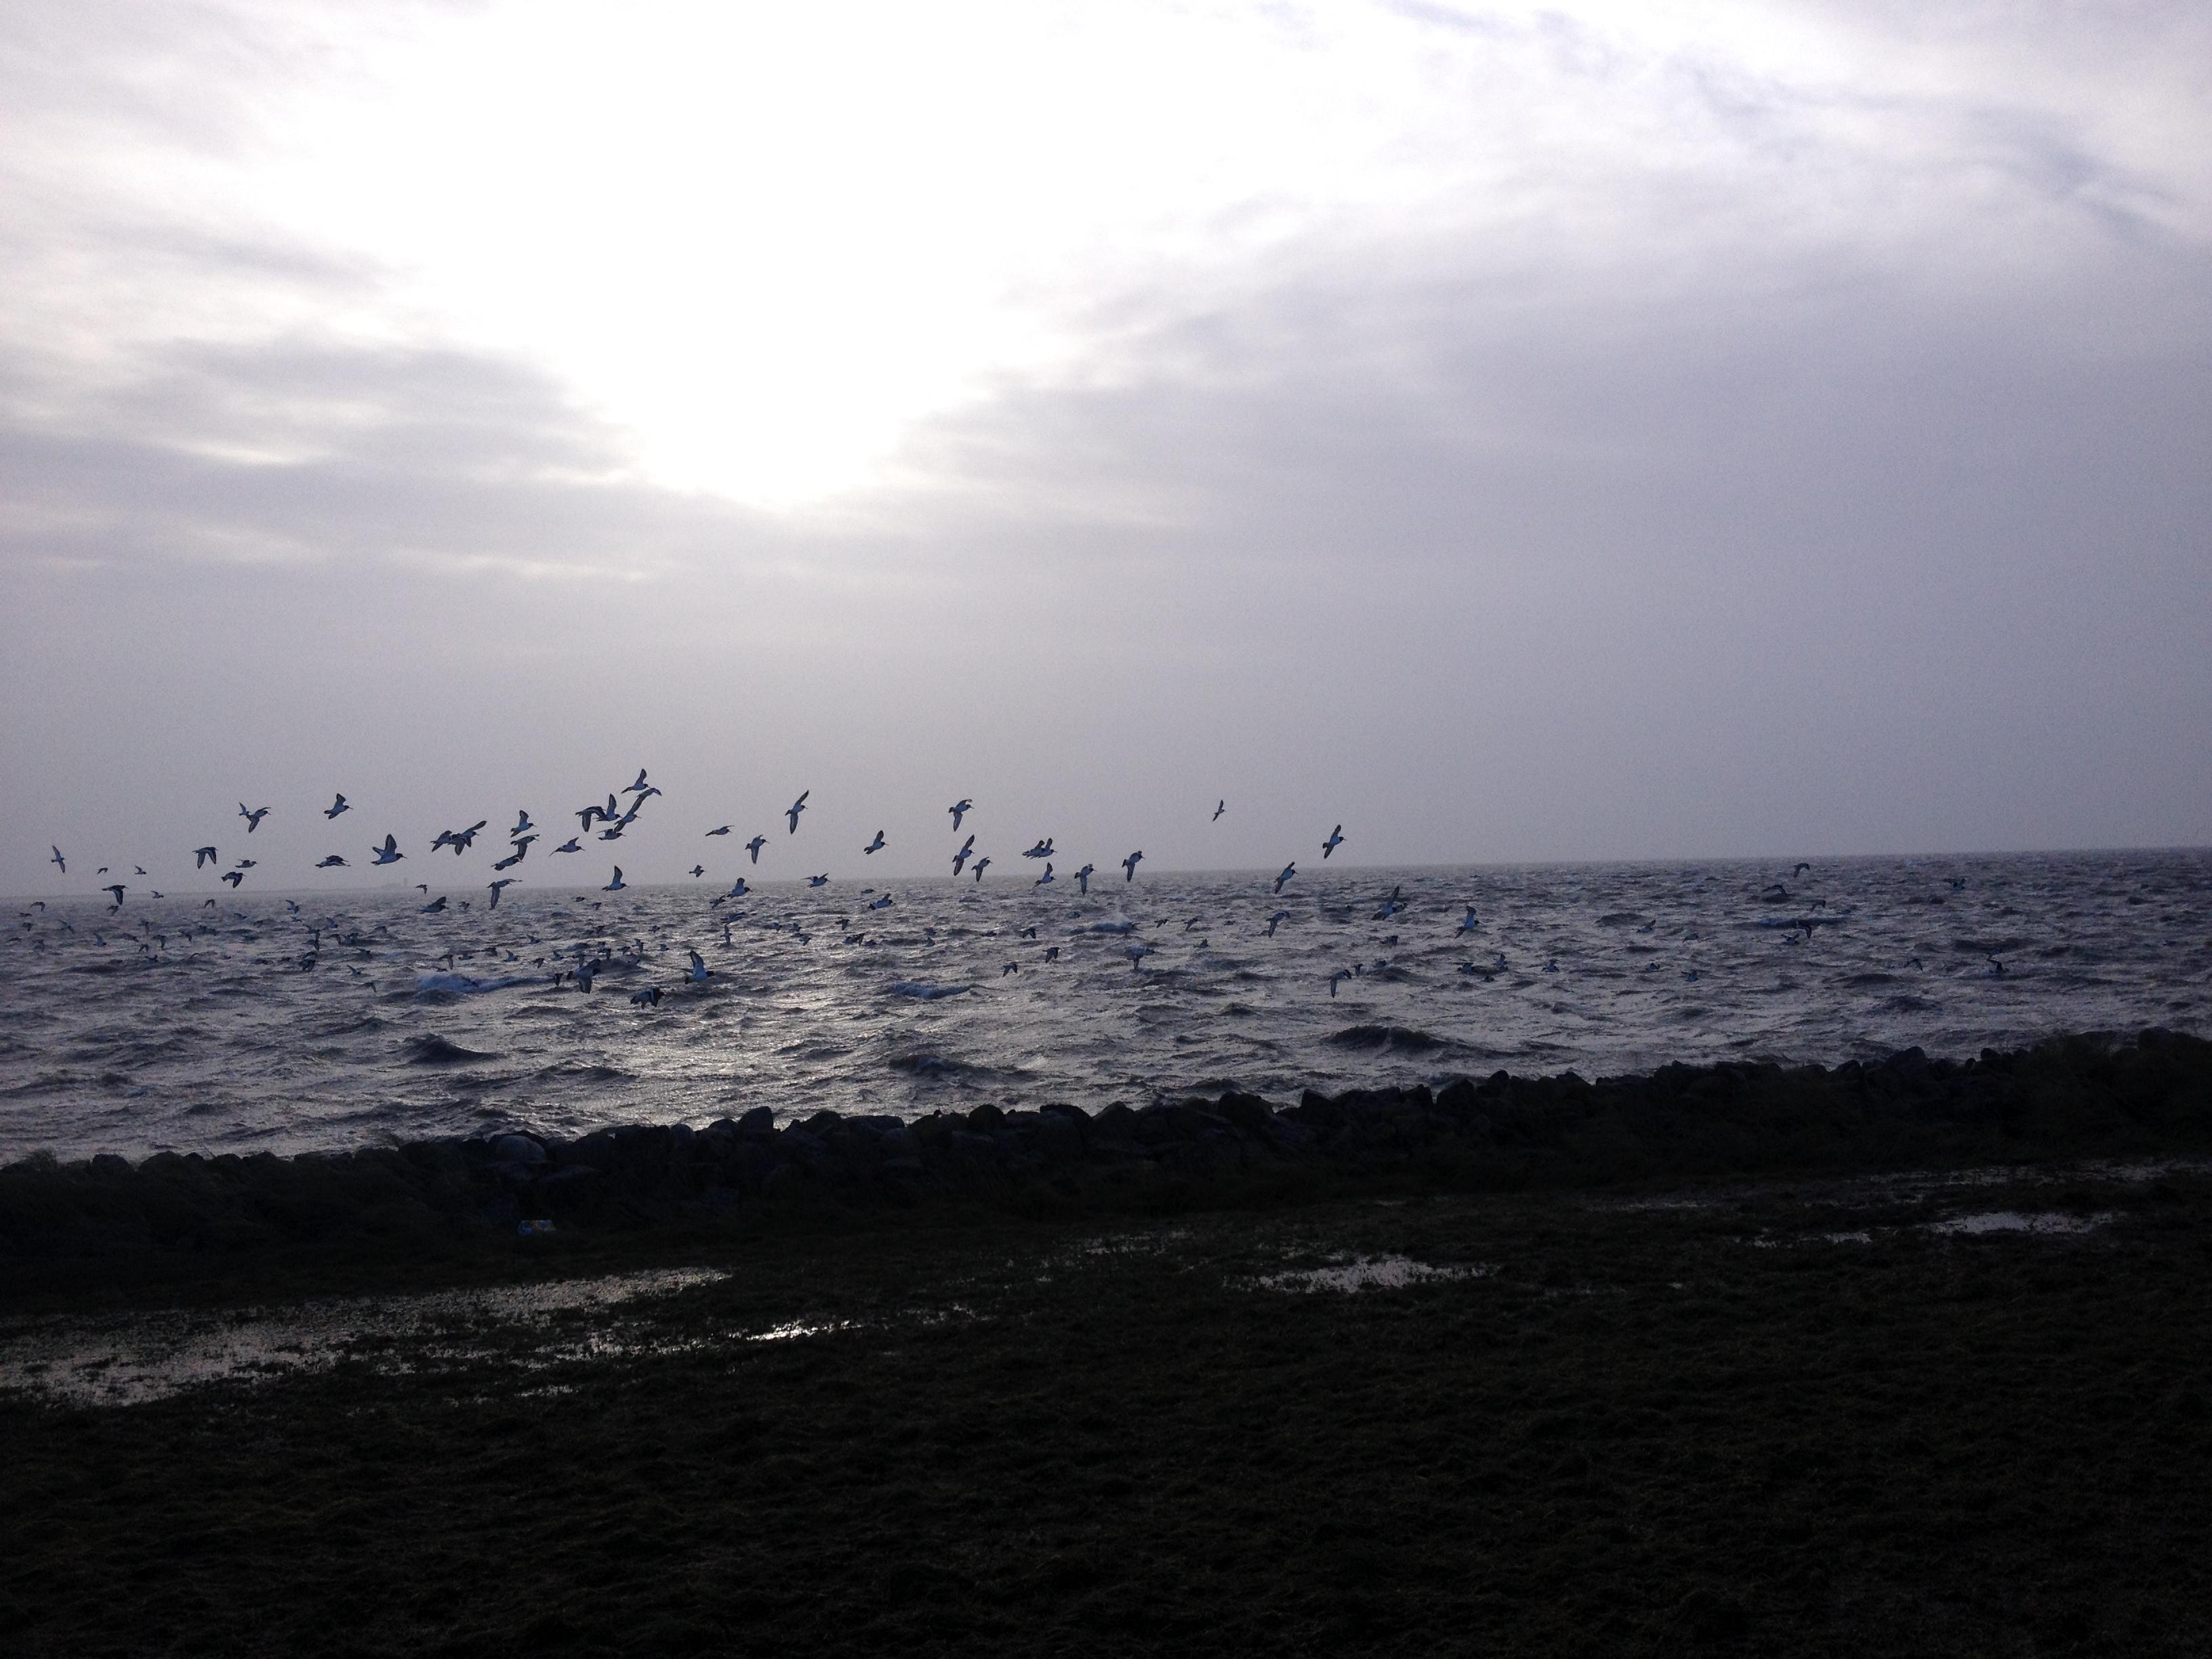 Sonne und Meer und Weite - ich komme wieder!